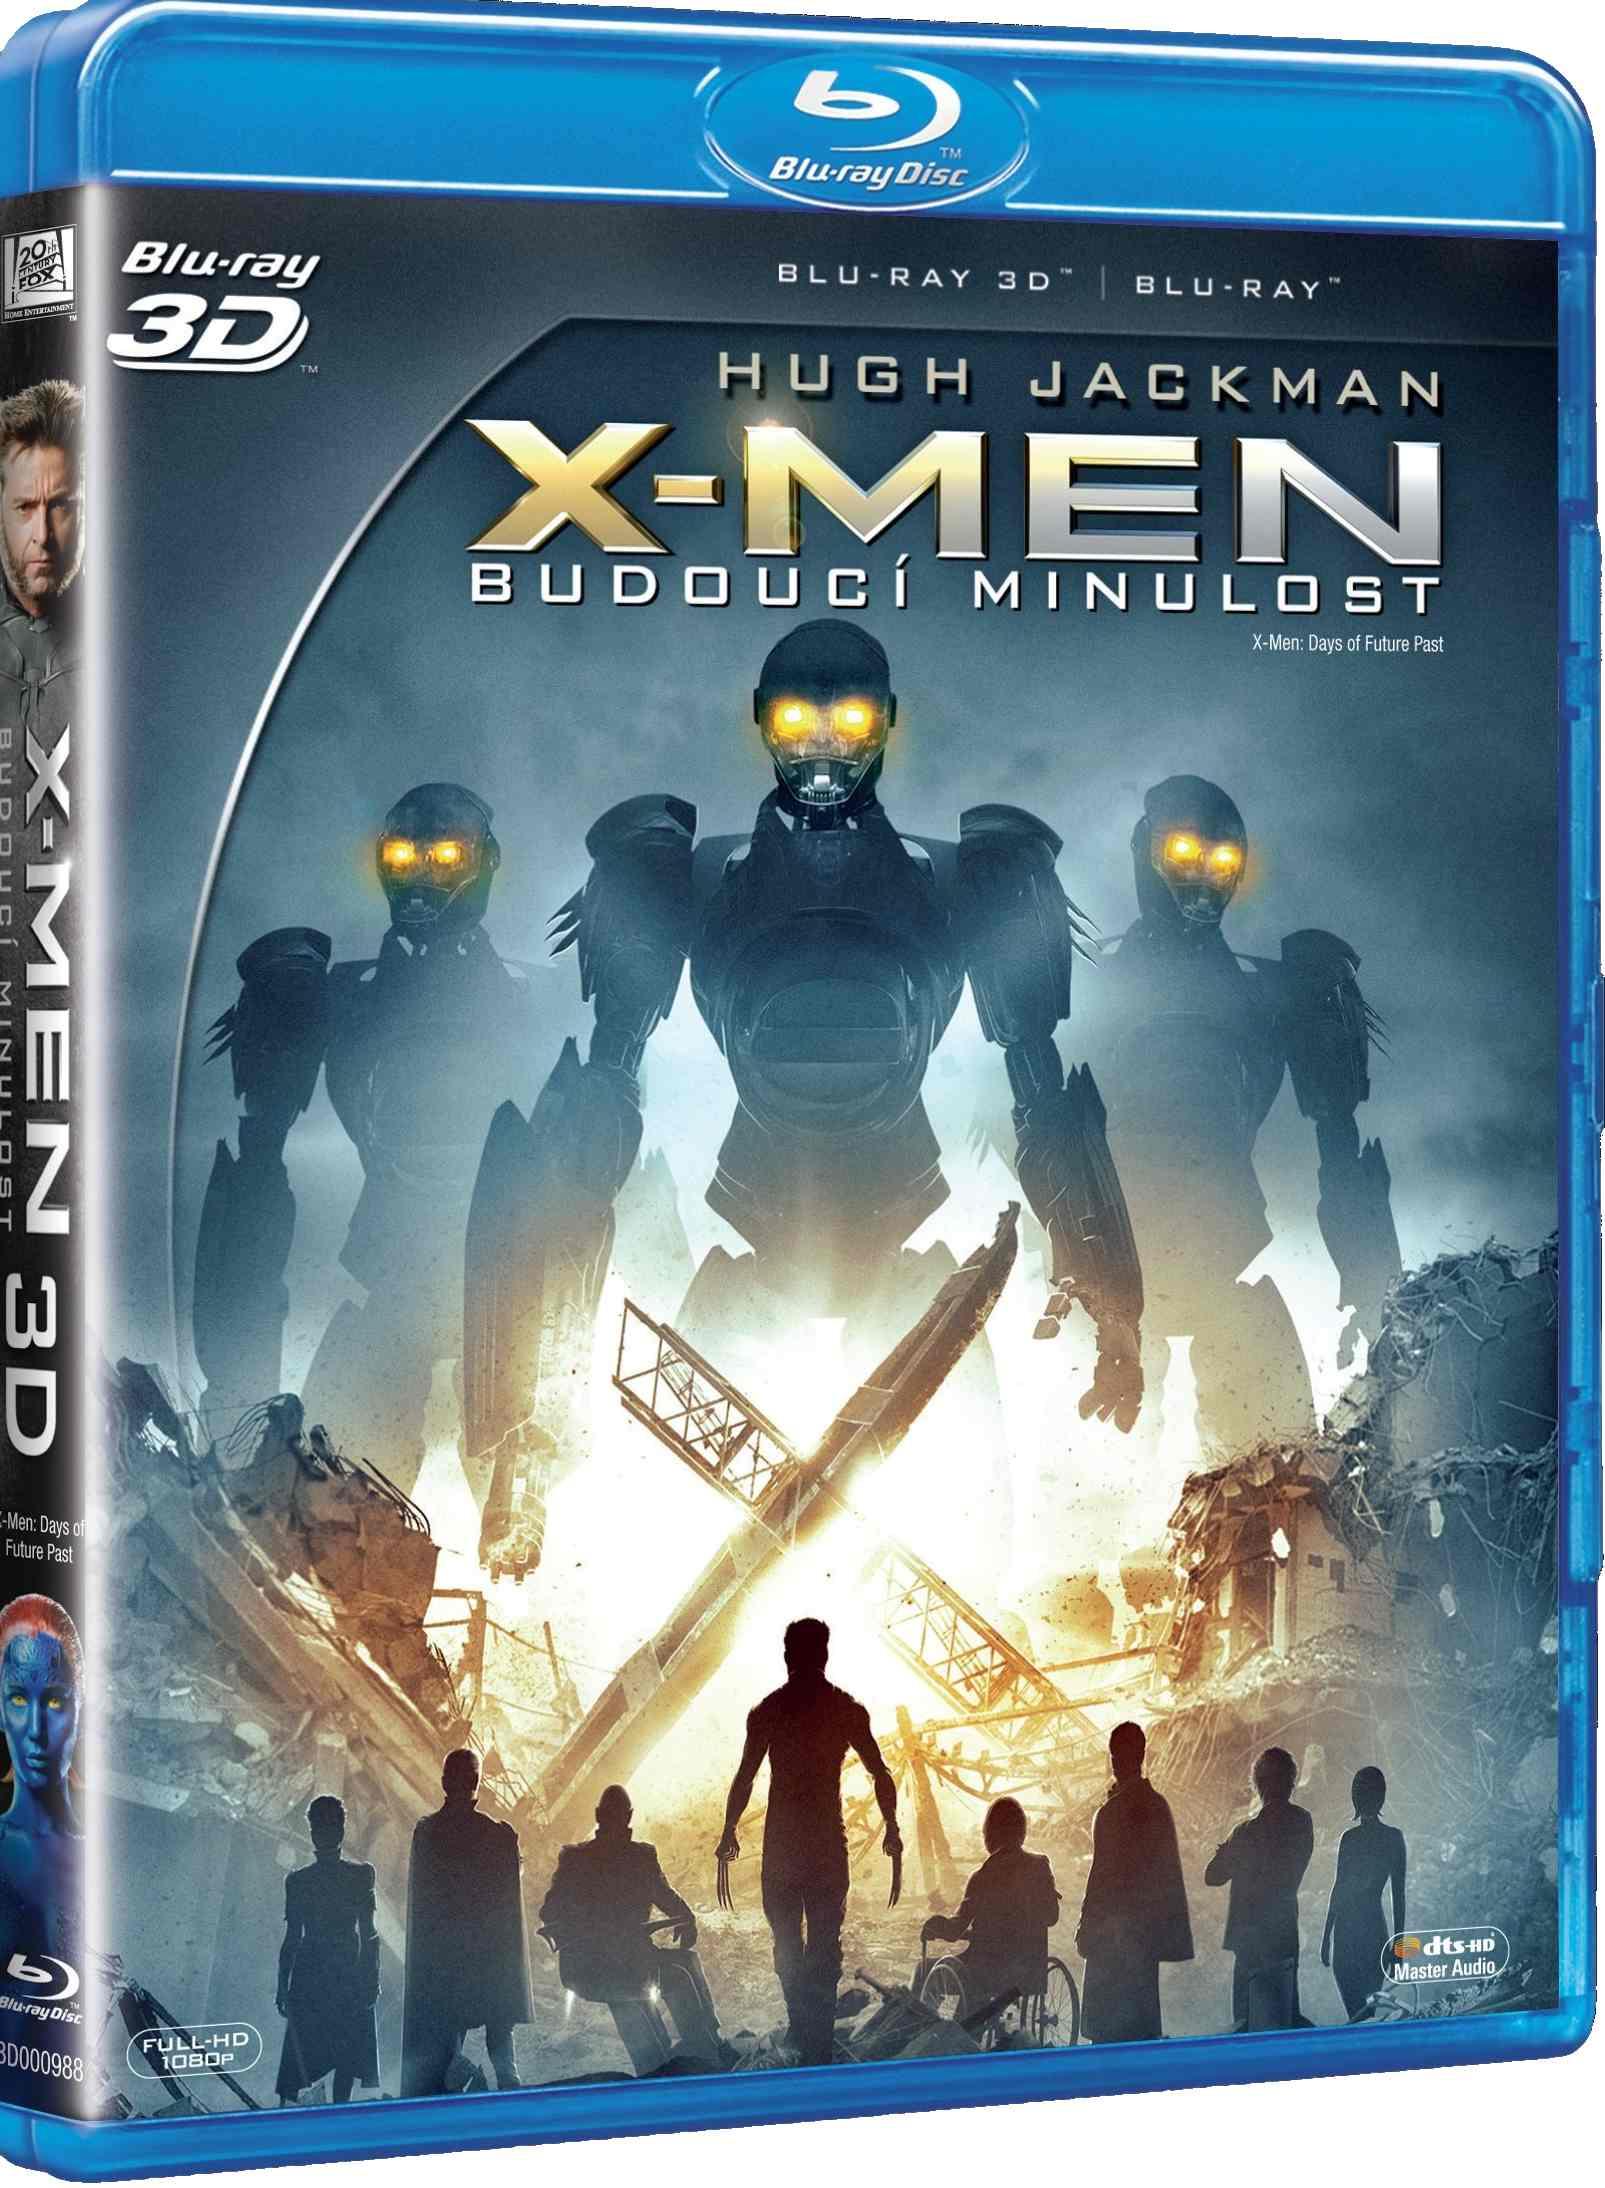 X-MEN: BUDOUCÍ MINULOST - Blu-ray 3D + 2D